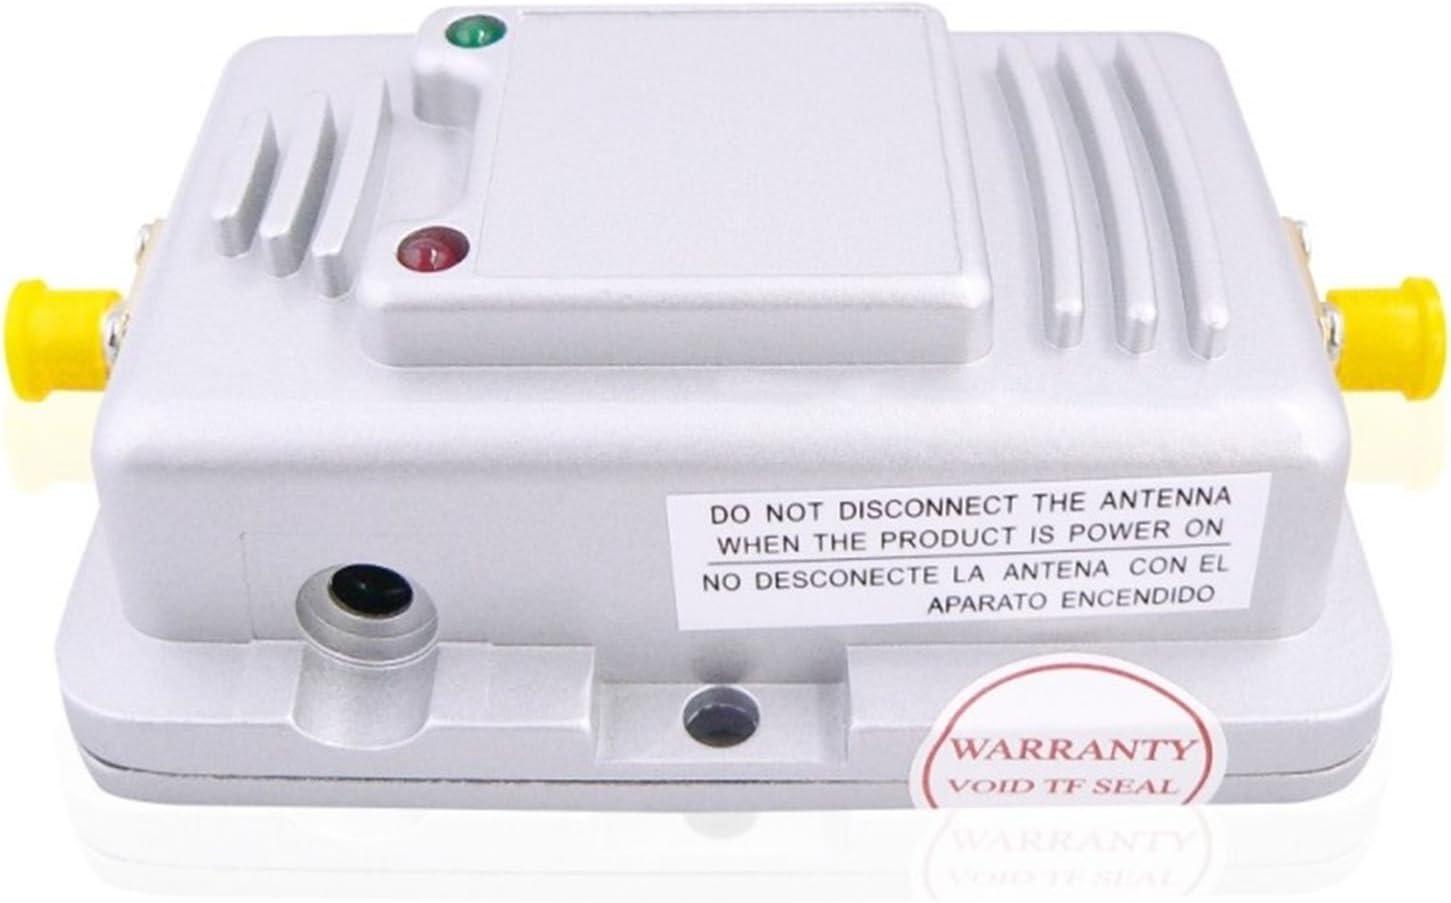 2W señal Booster amplificador para WiFi inalámbrica 2.4G ...